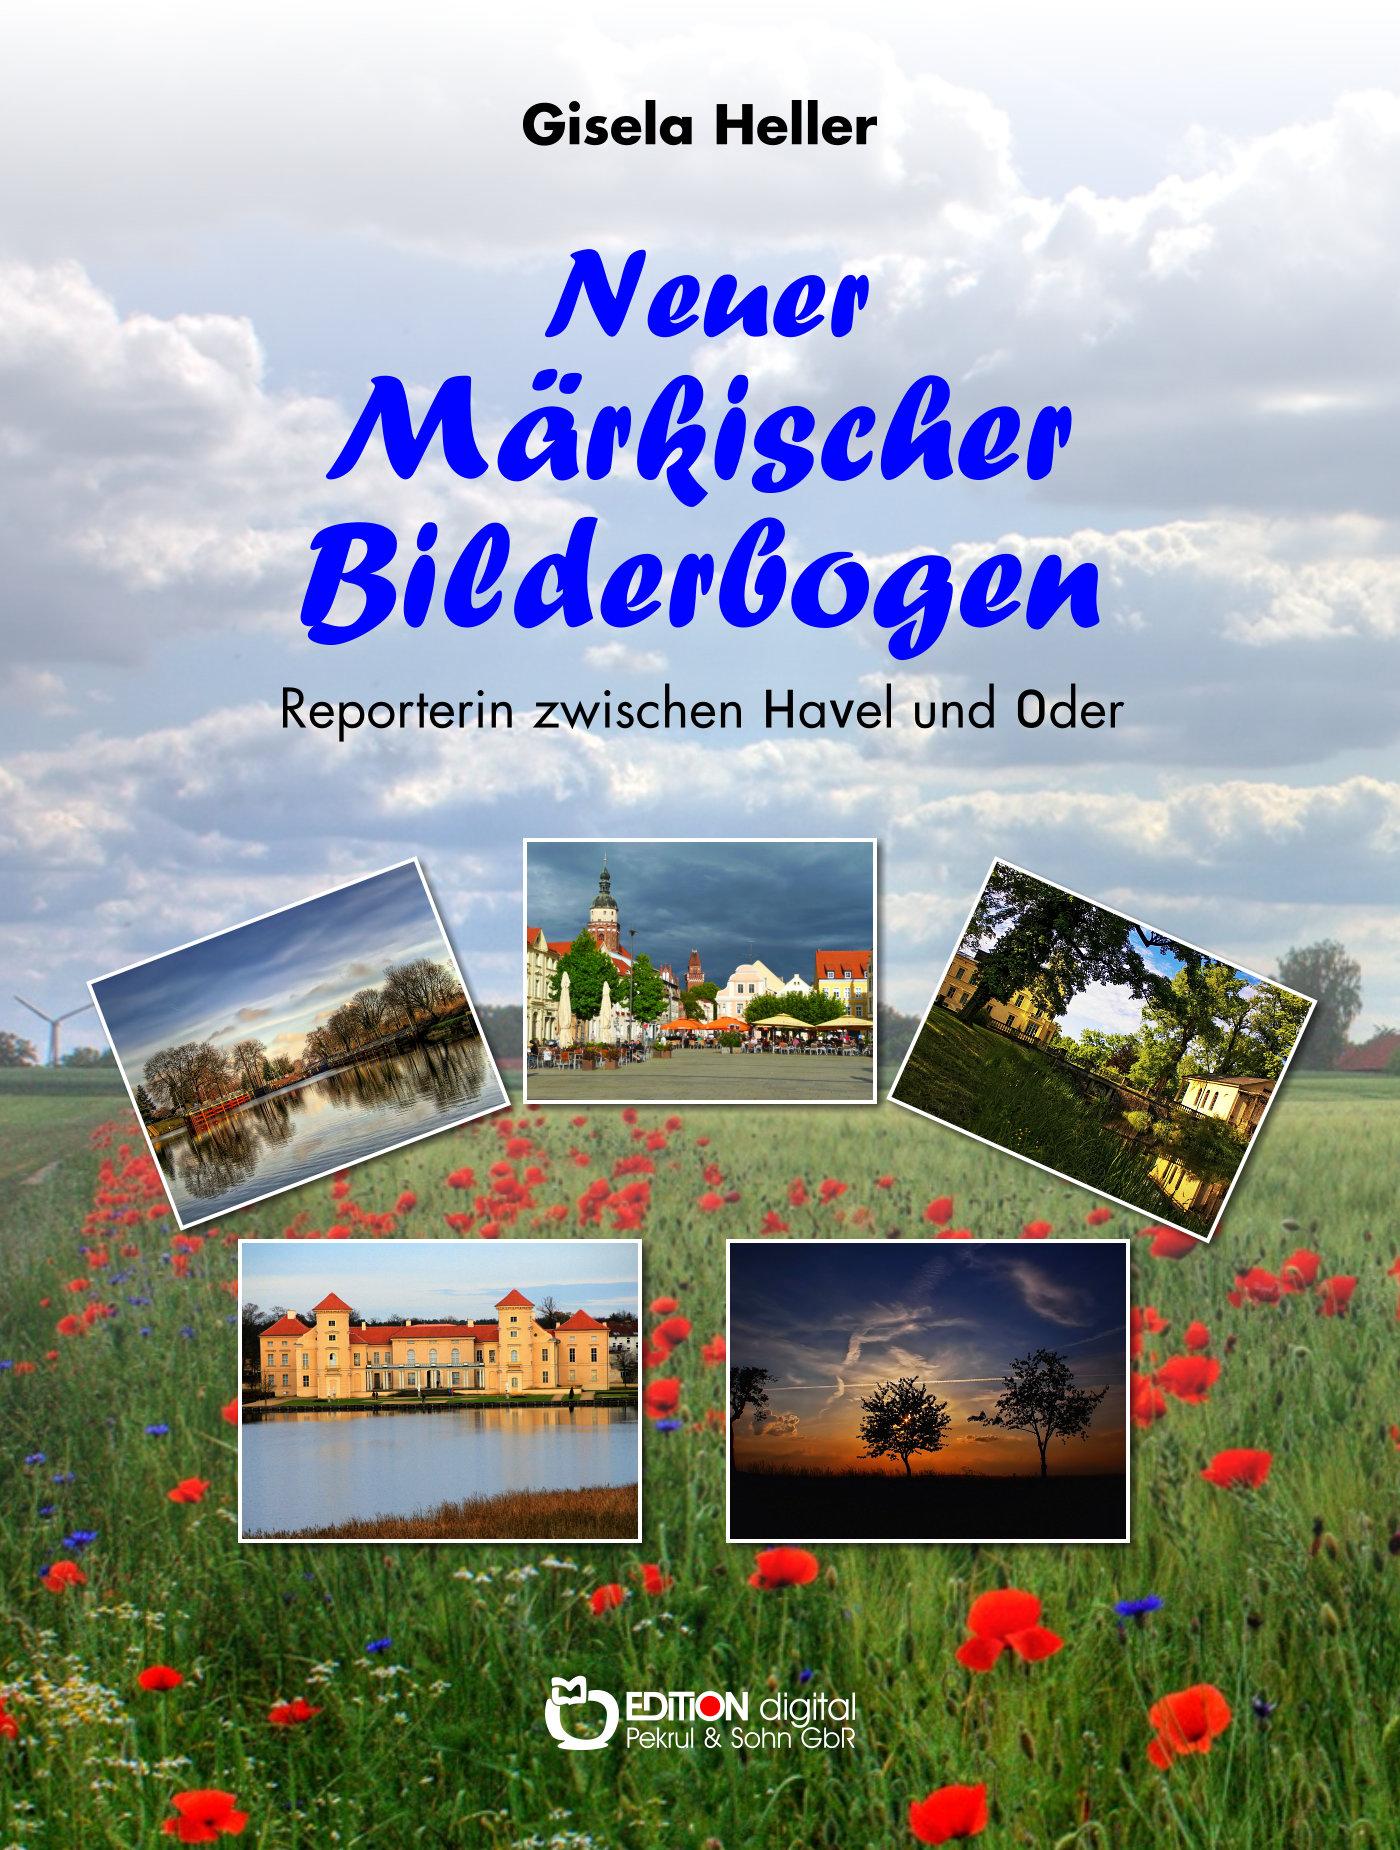 Neuer Märkischer Bilderbogen. Reporterin zwischen Havel und Oder von Gisela Heller